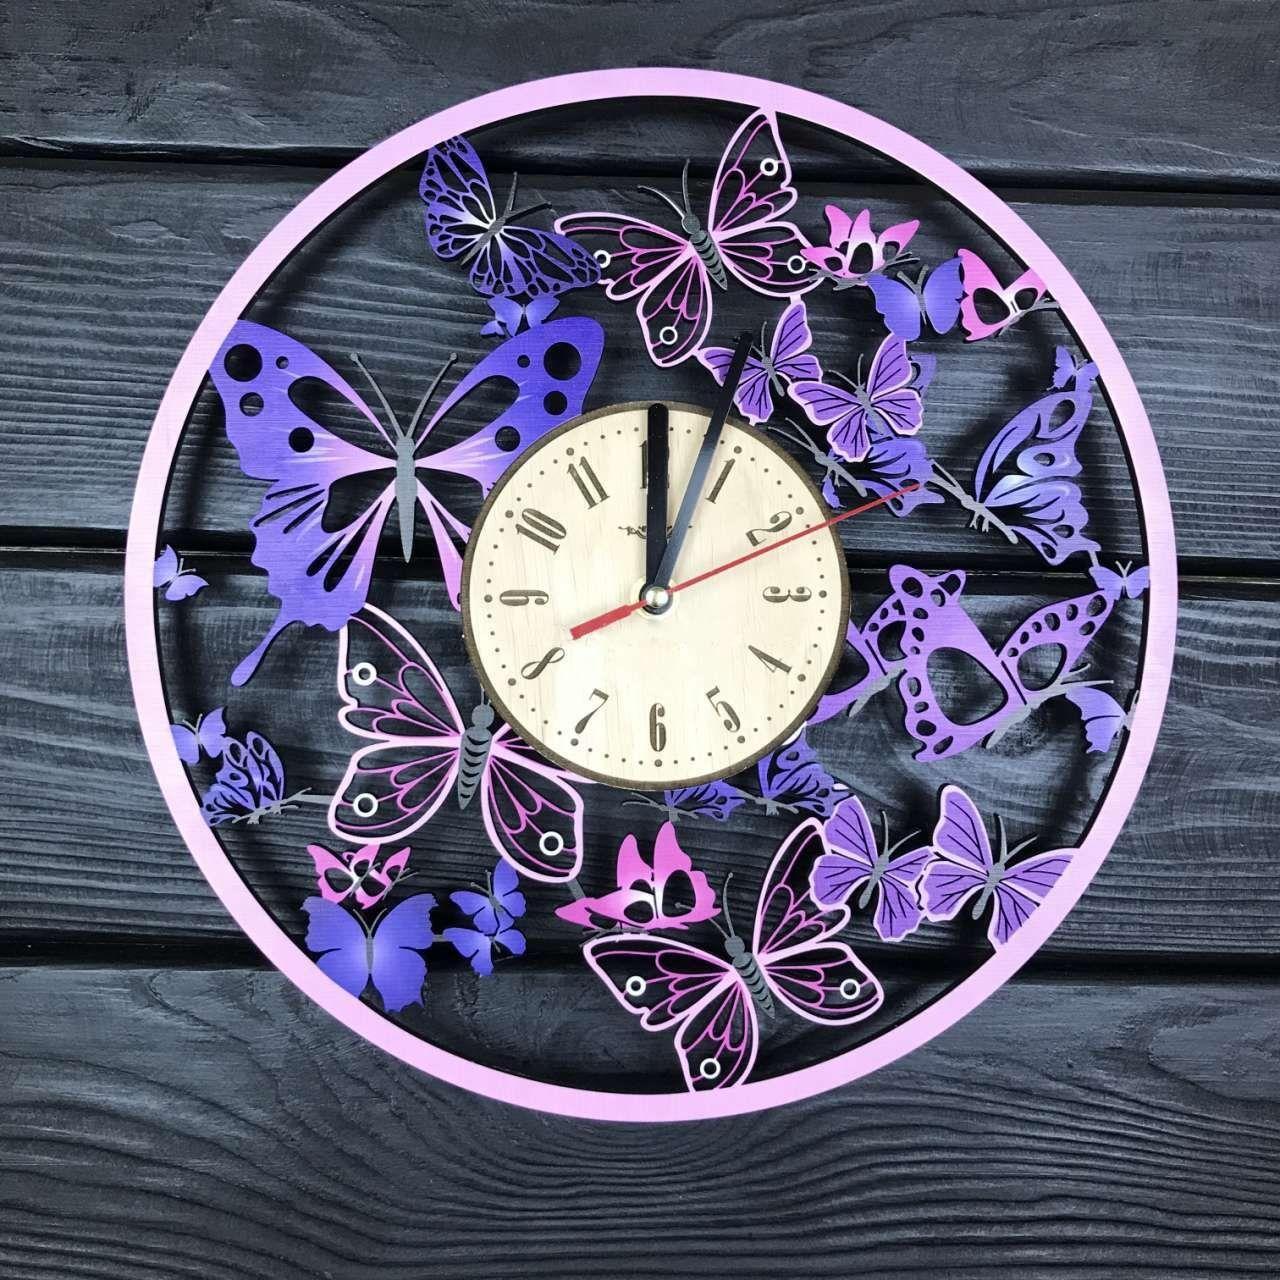 Деревянные настенные часы Вальс бабочек с цветоной печатью 300мм